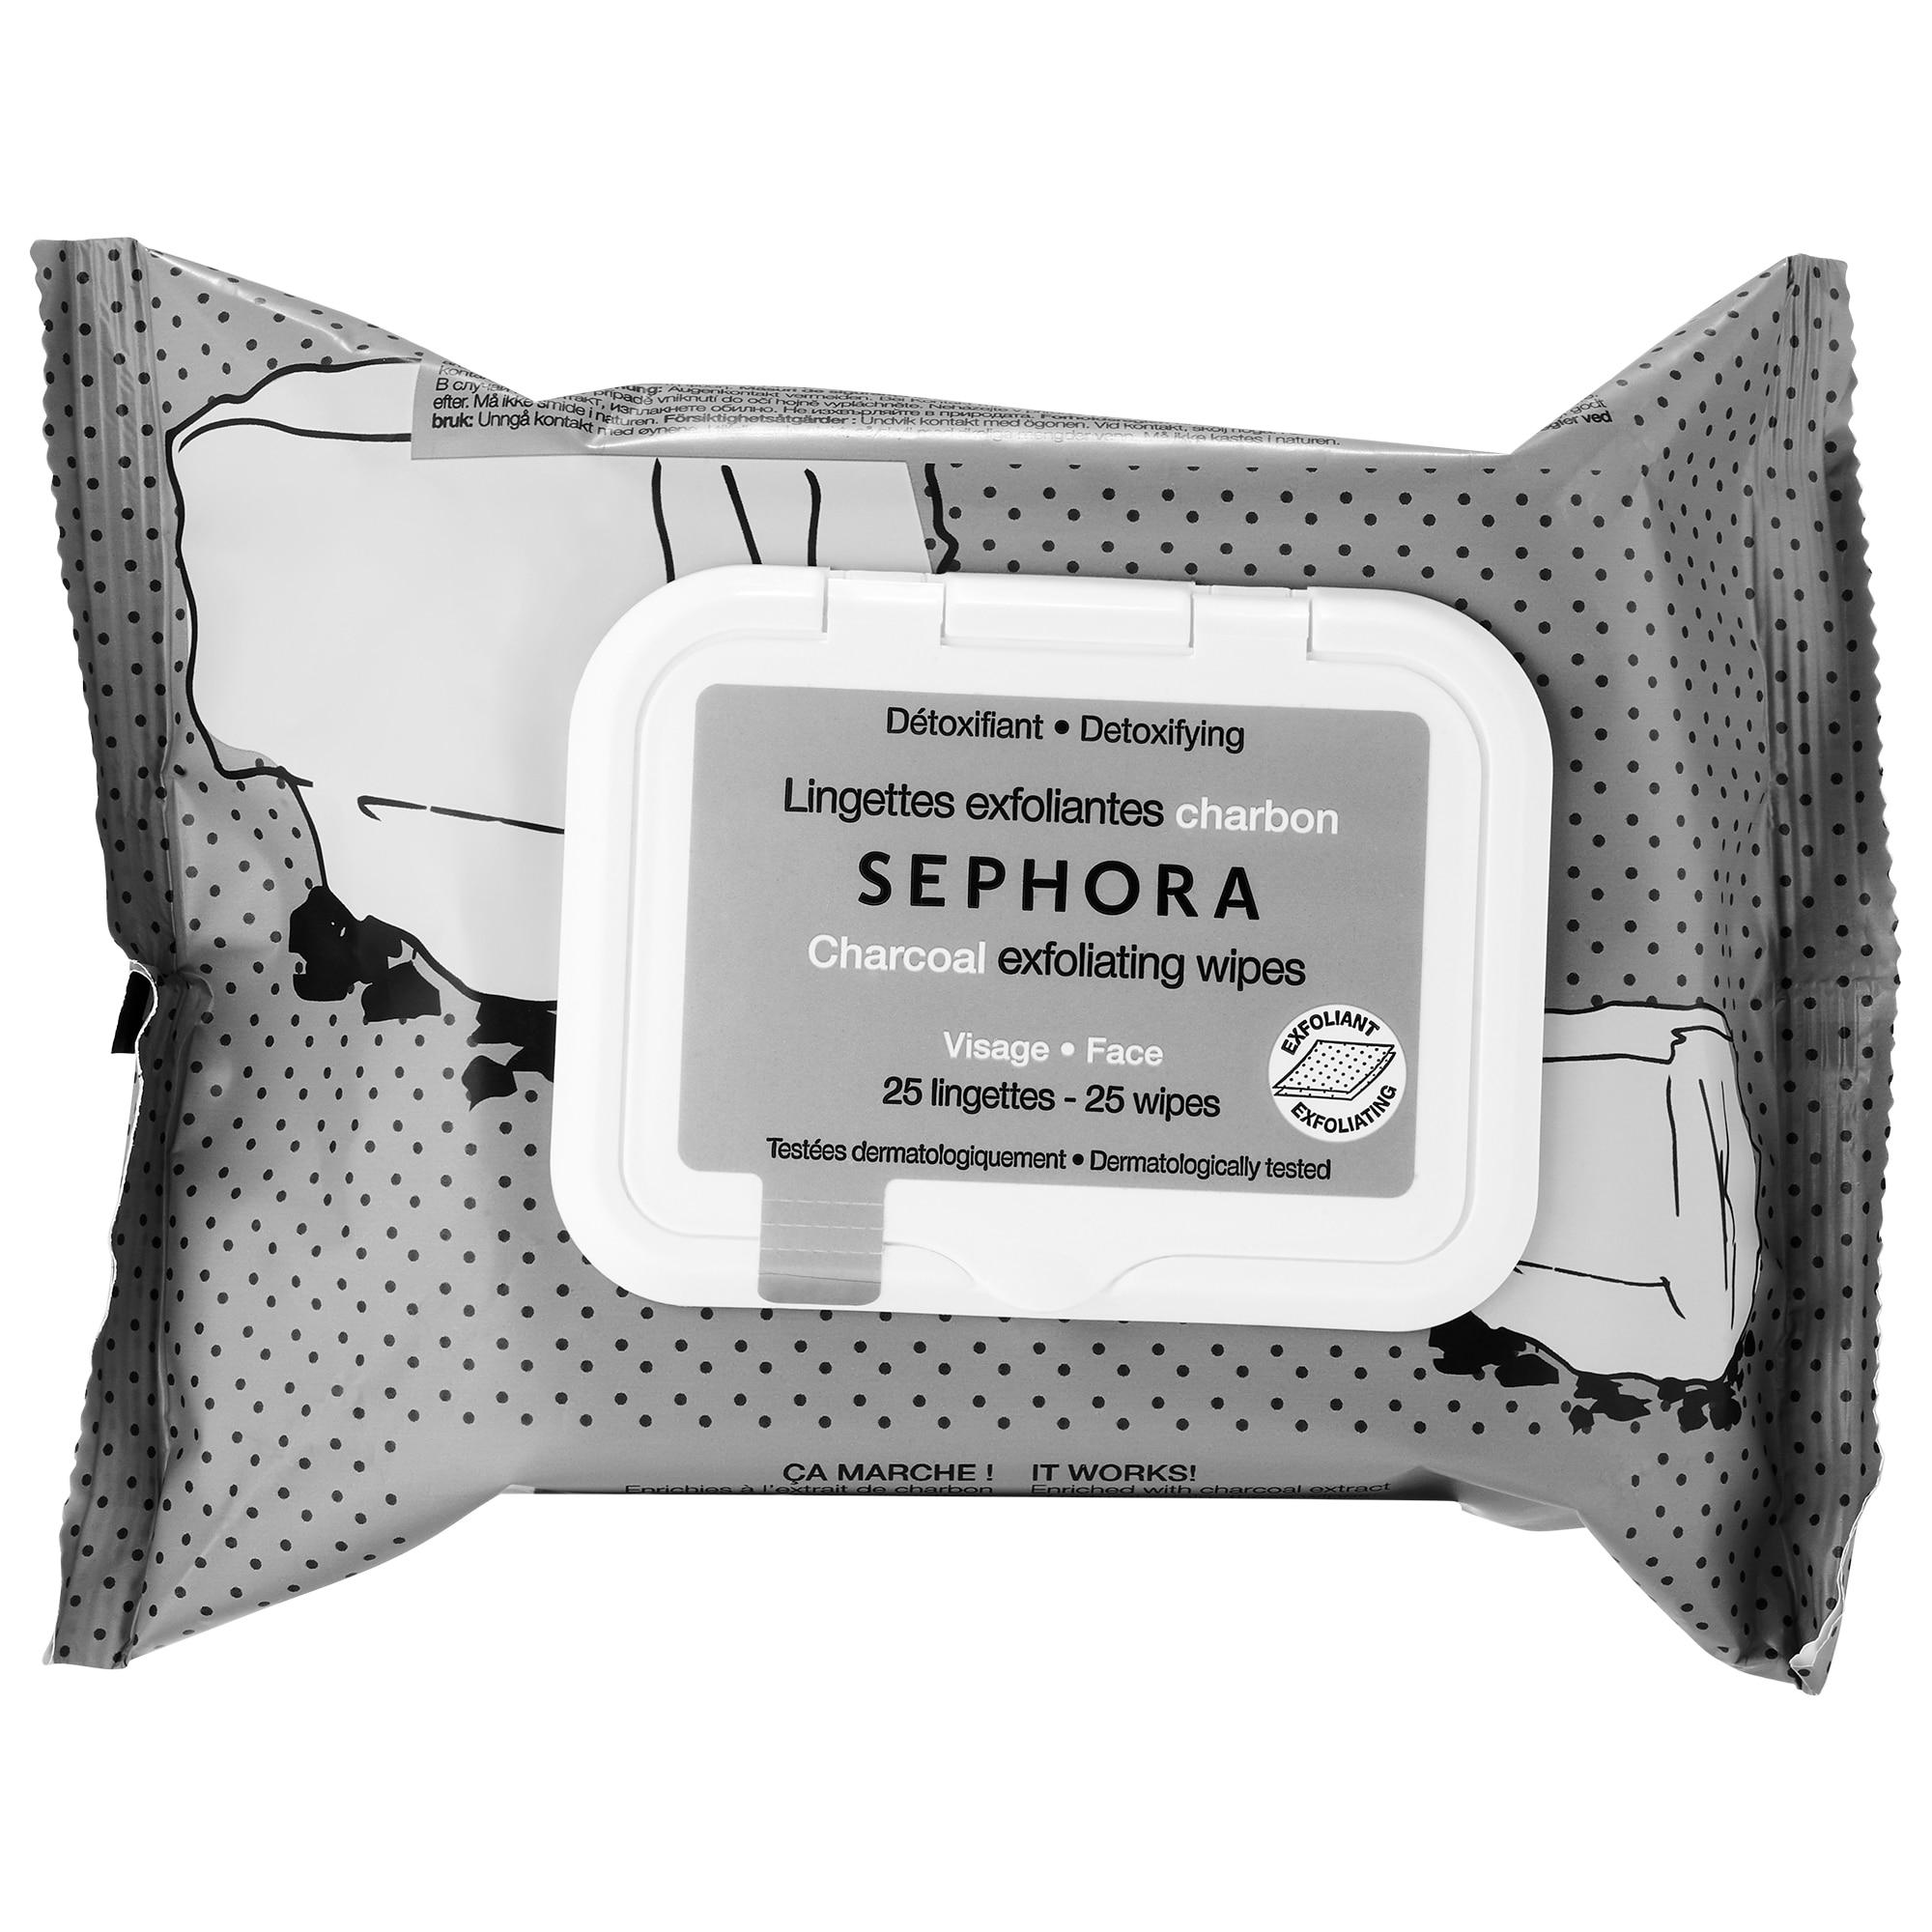 Sephora - Exfoliating Wipes - Charcoal - Detoxifying